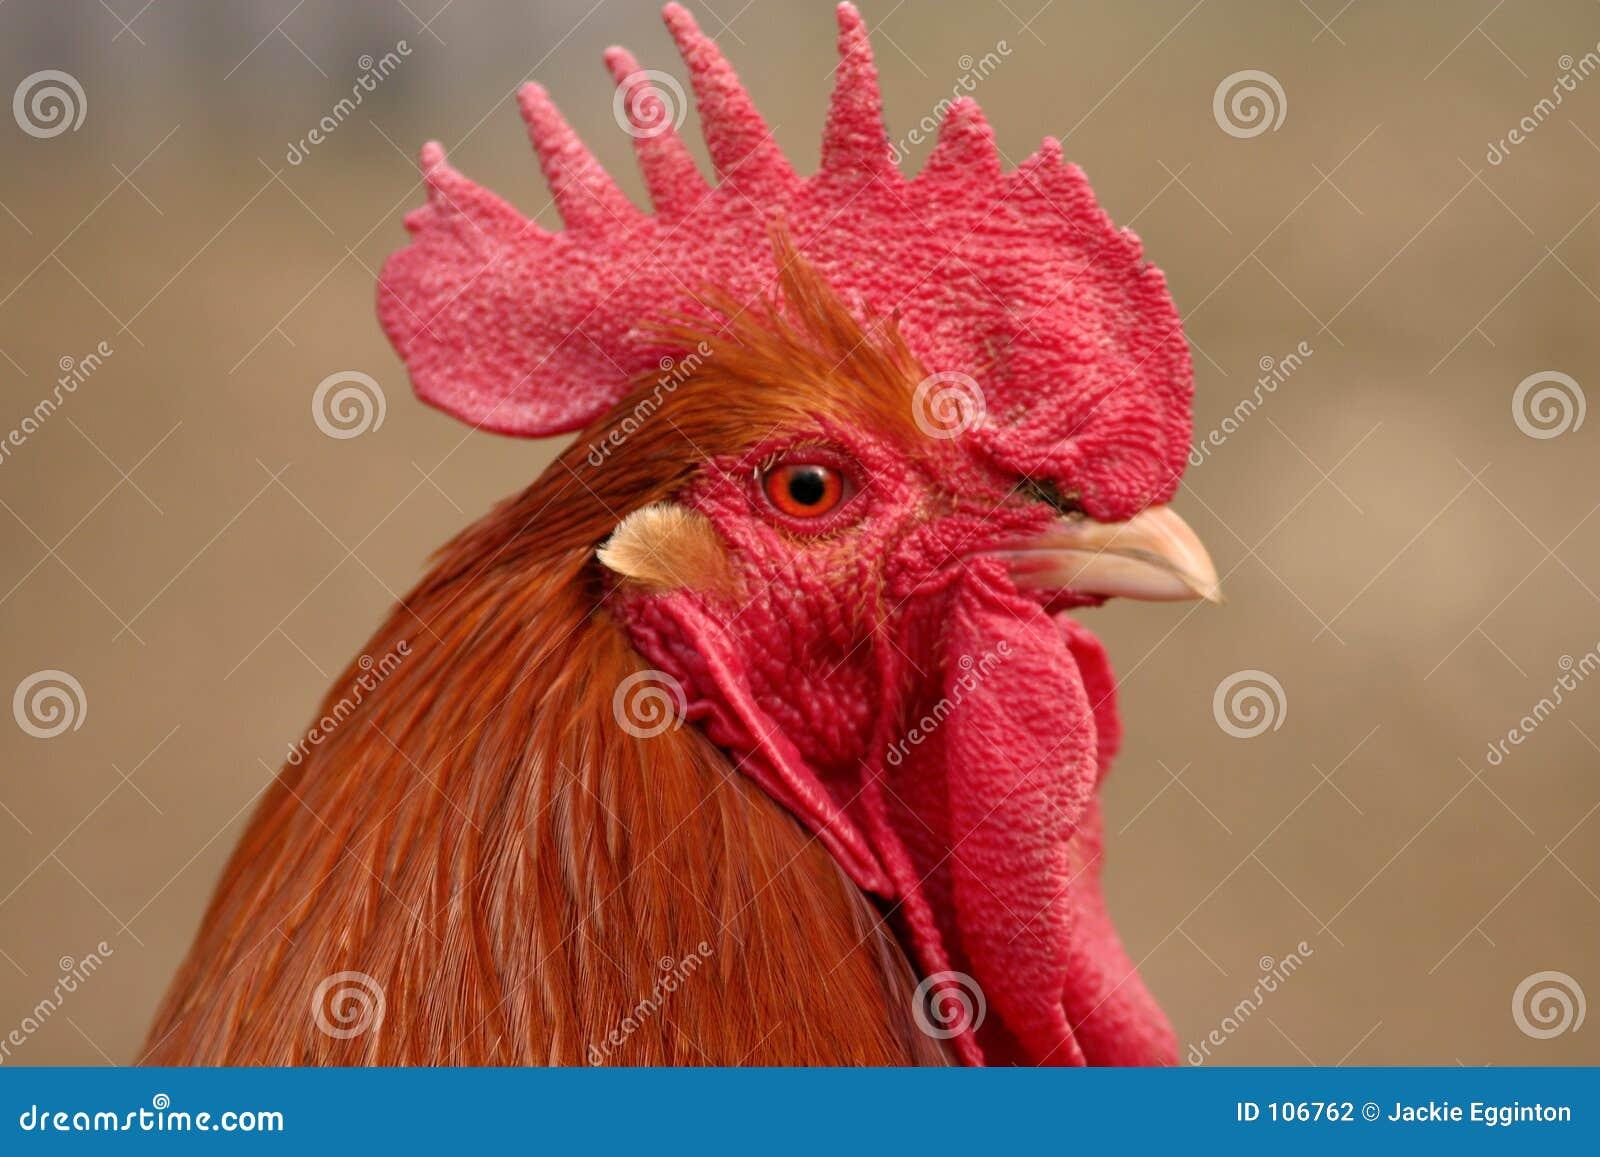 Cockerel head